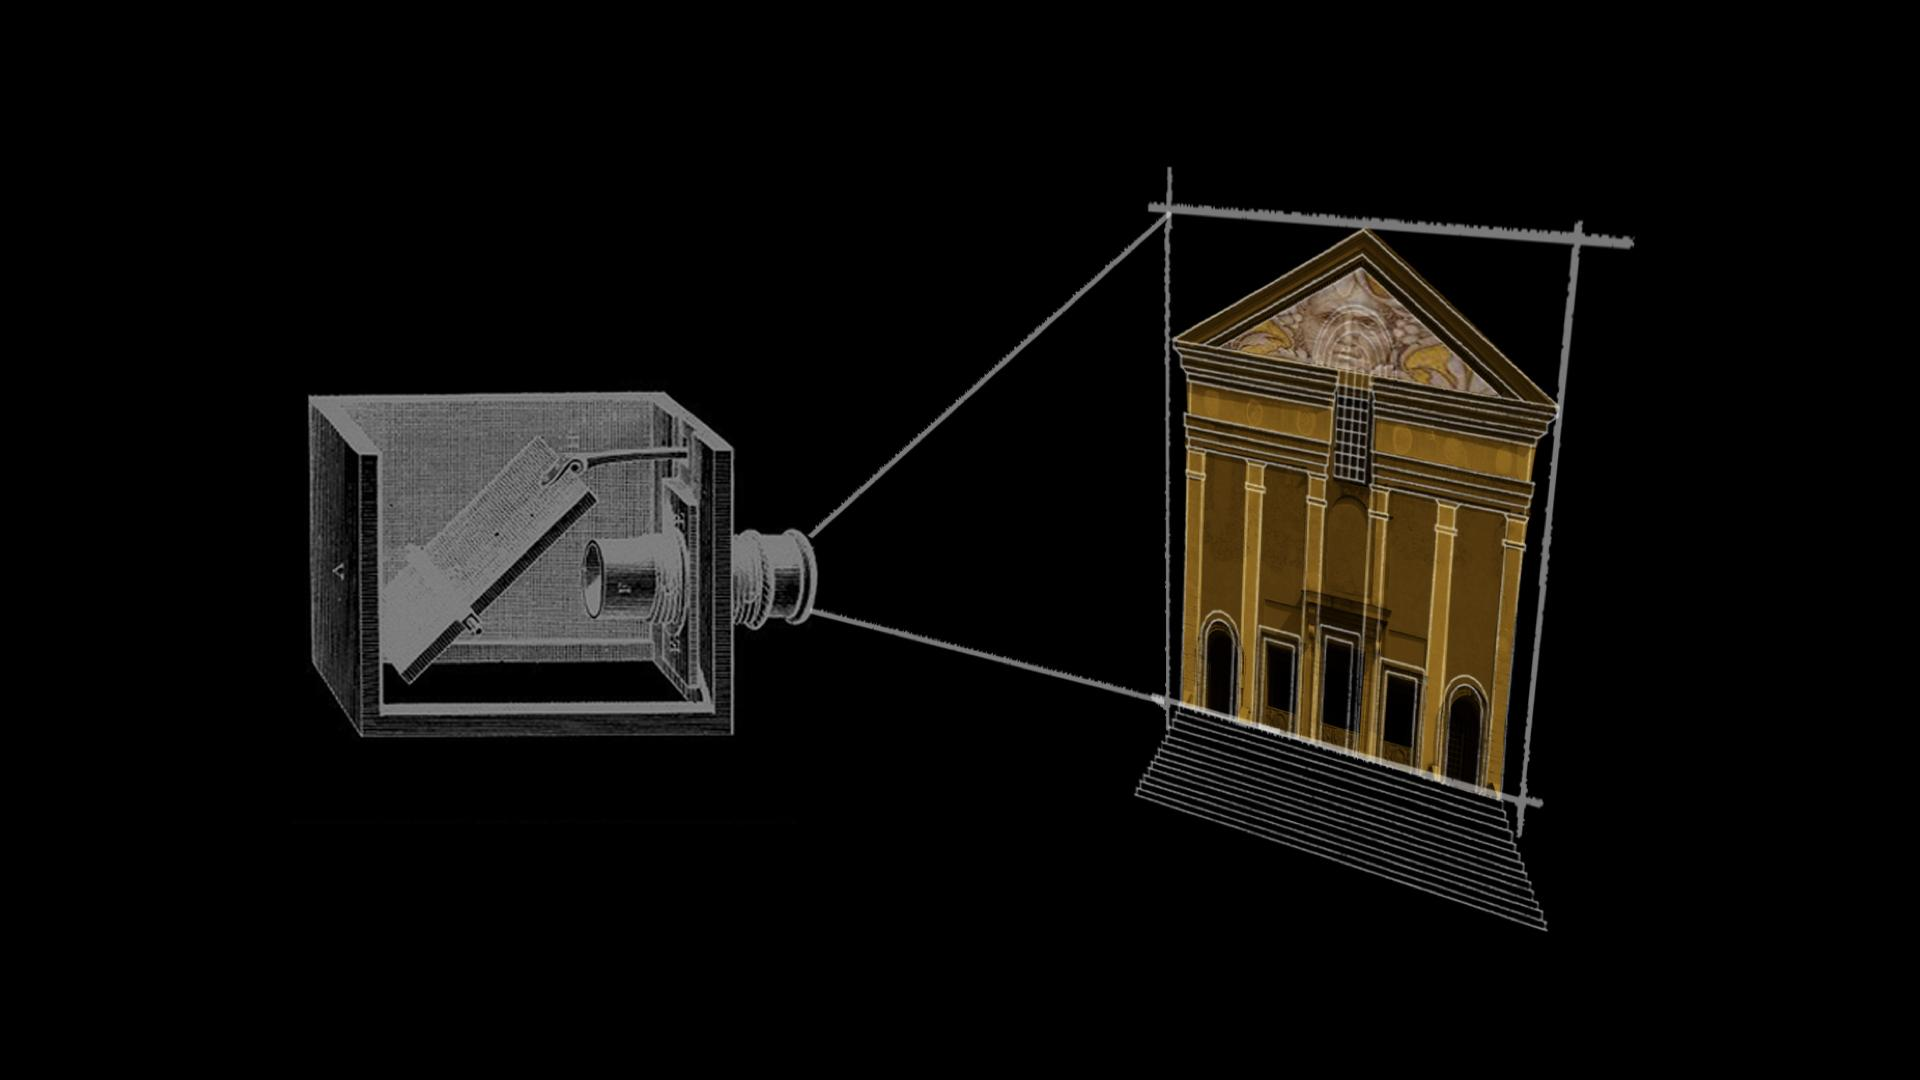 PROIETTARE SULL'ARCHITETTURA - VIDEOPROIEZIONE ARCHITETTURALE E VIDEOMAPPING